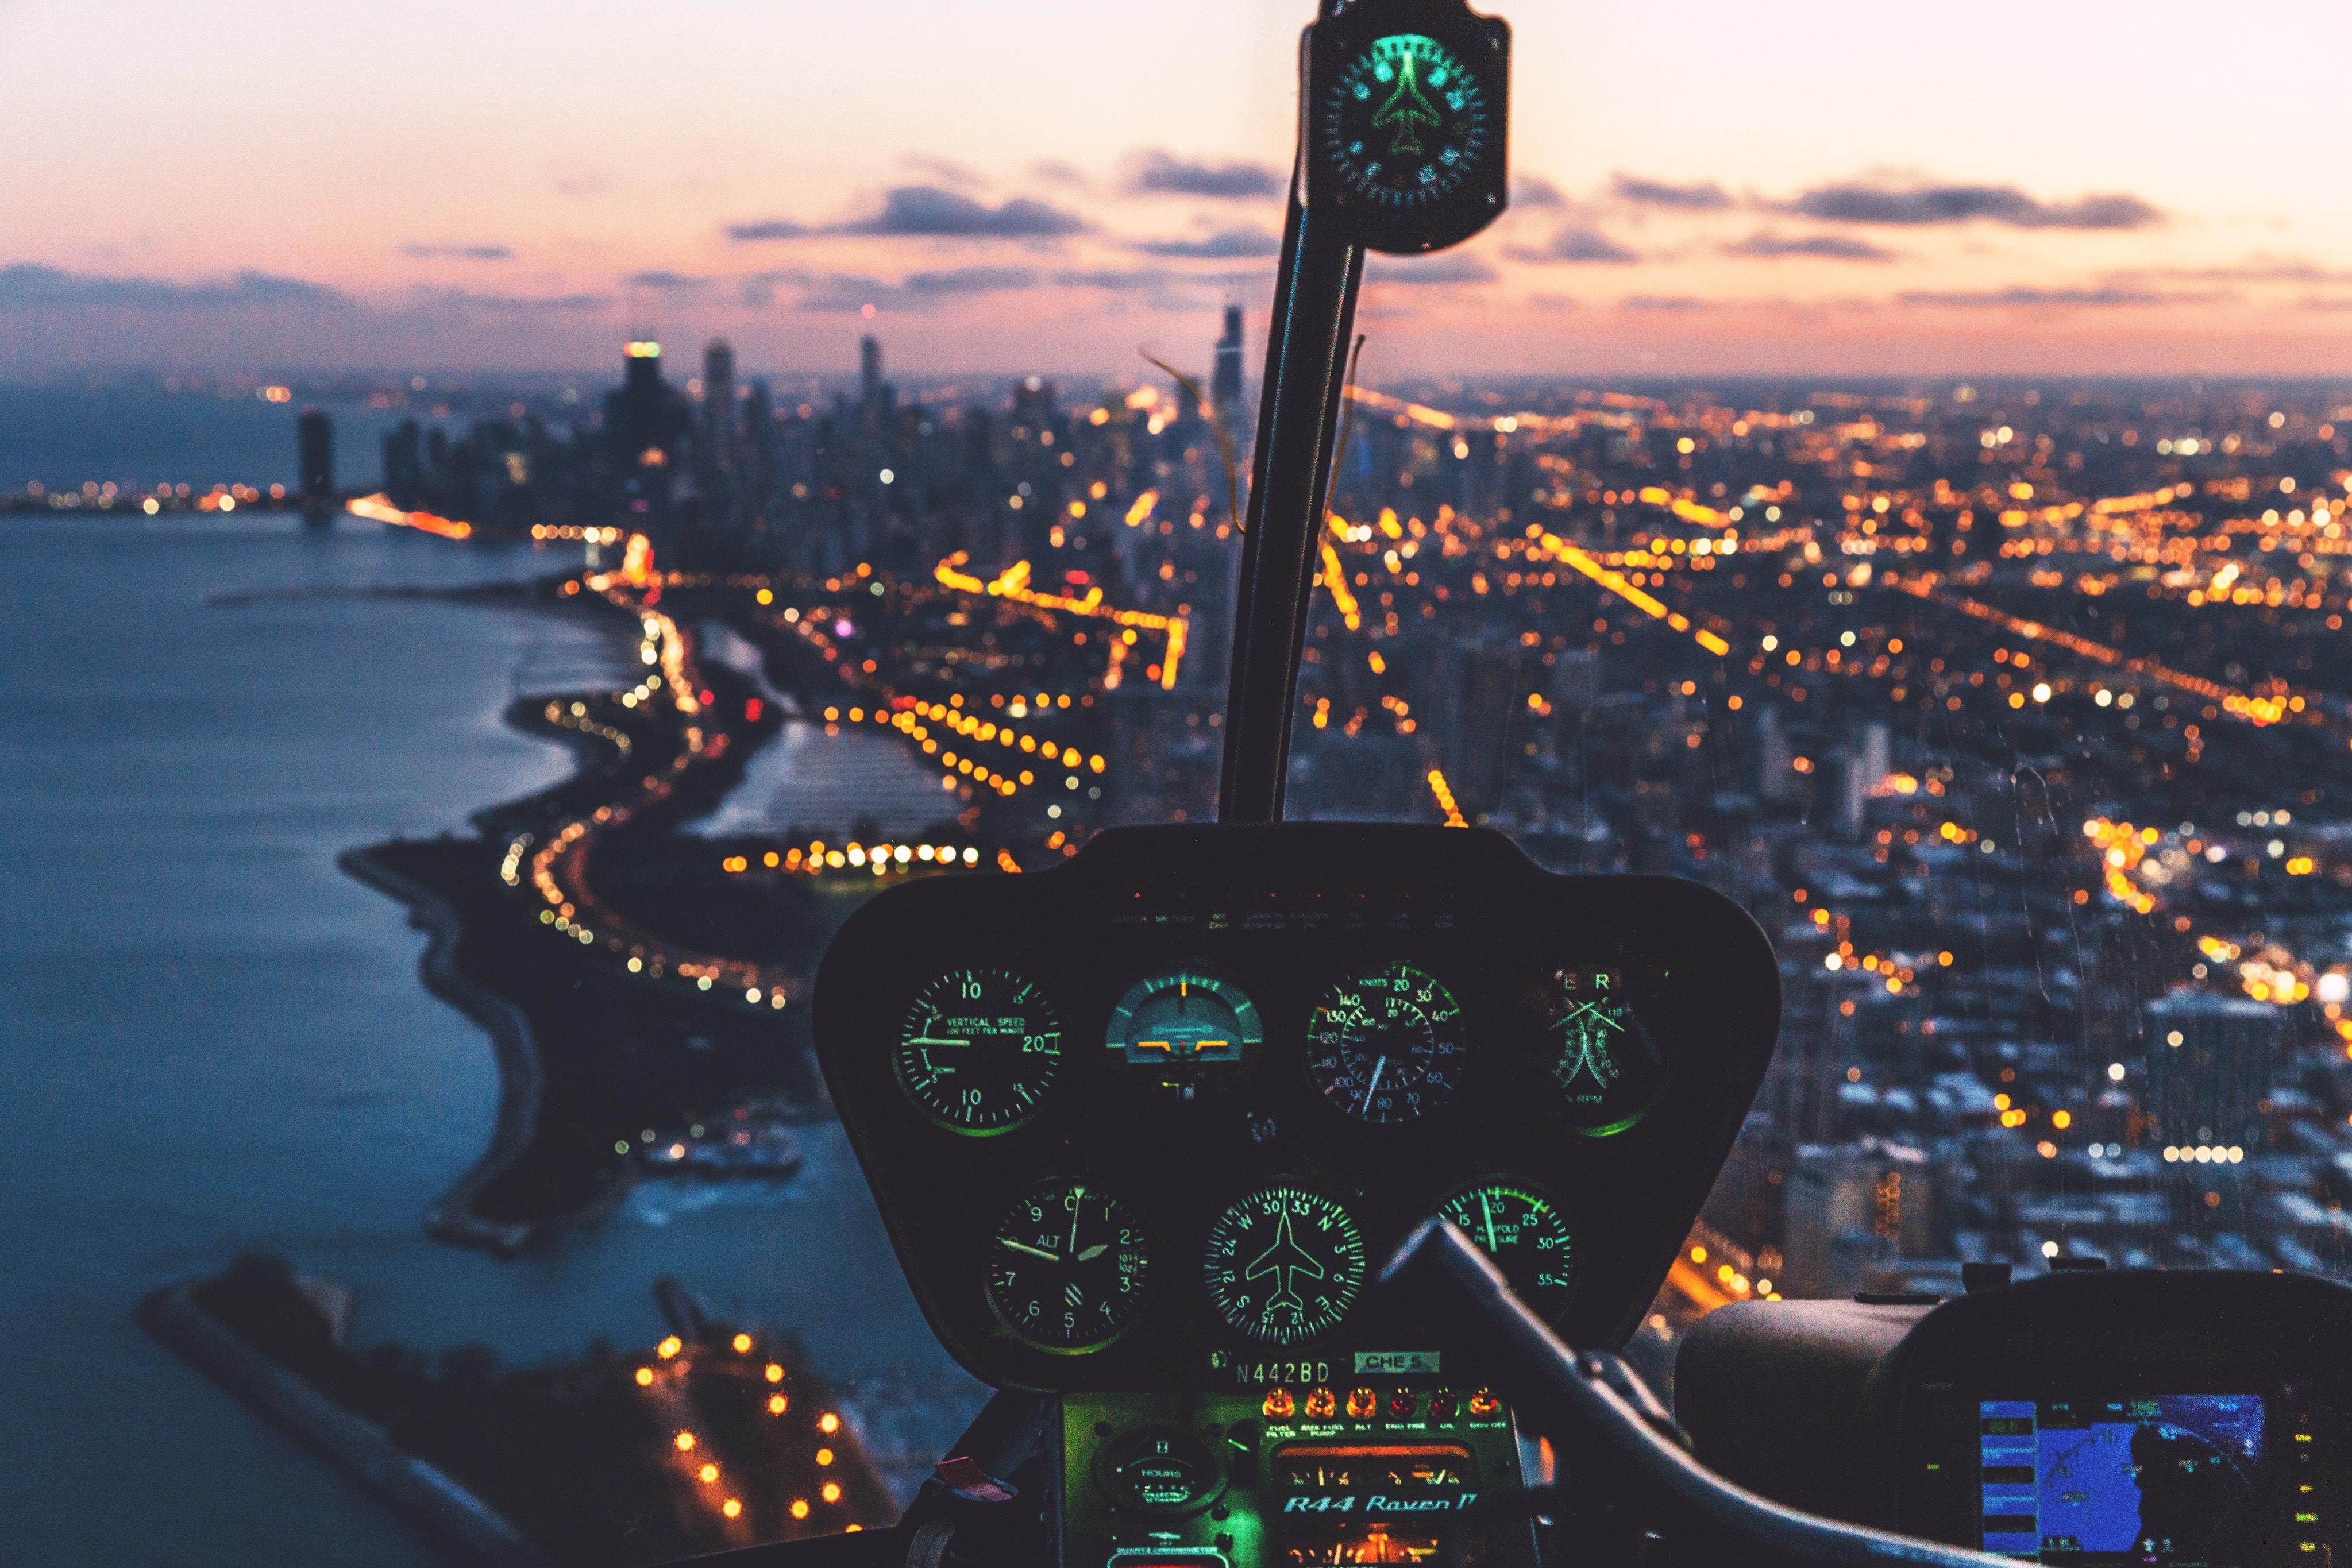 125645 Hintergrundbild herunterladen Hubschrauber, Blendung, Verschiedenes, Sonstige, Nächtliche Stadt, Night City, Schalttafel, Systemsteuerung, Pilot - Bildschirmschoner und Bilder kostenlos